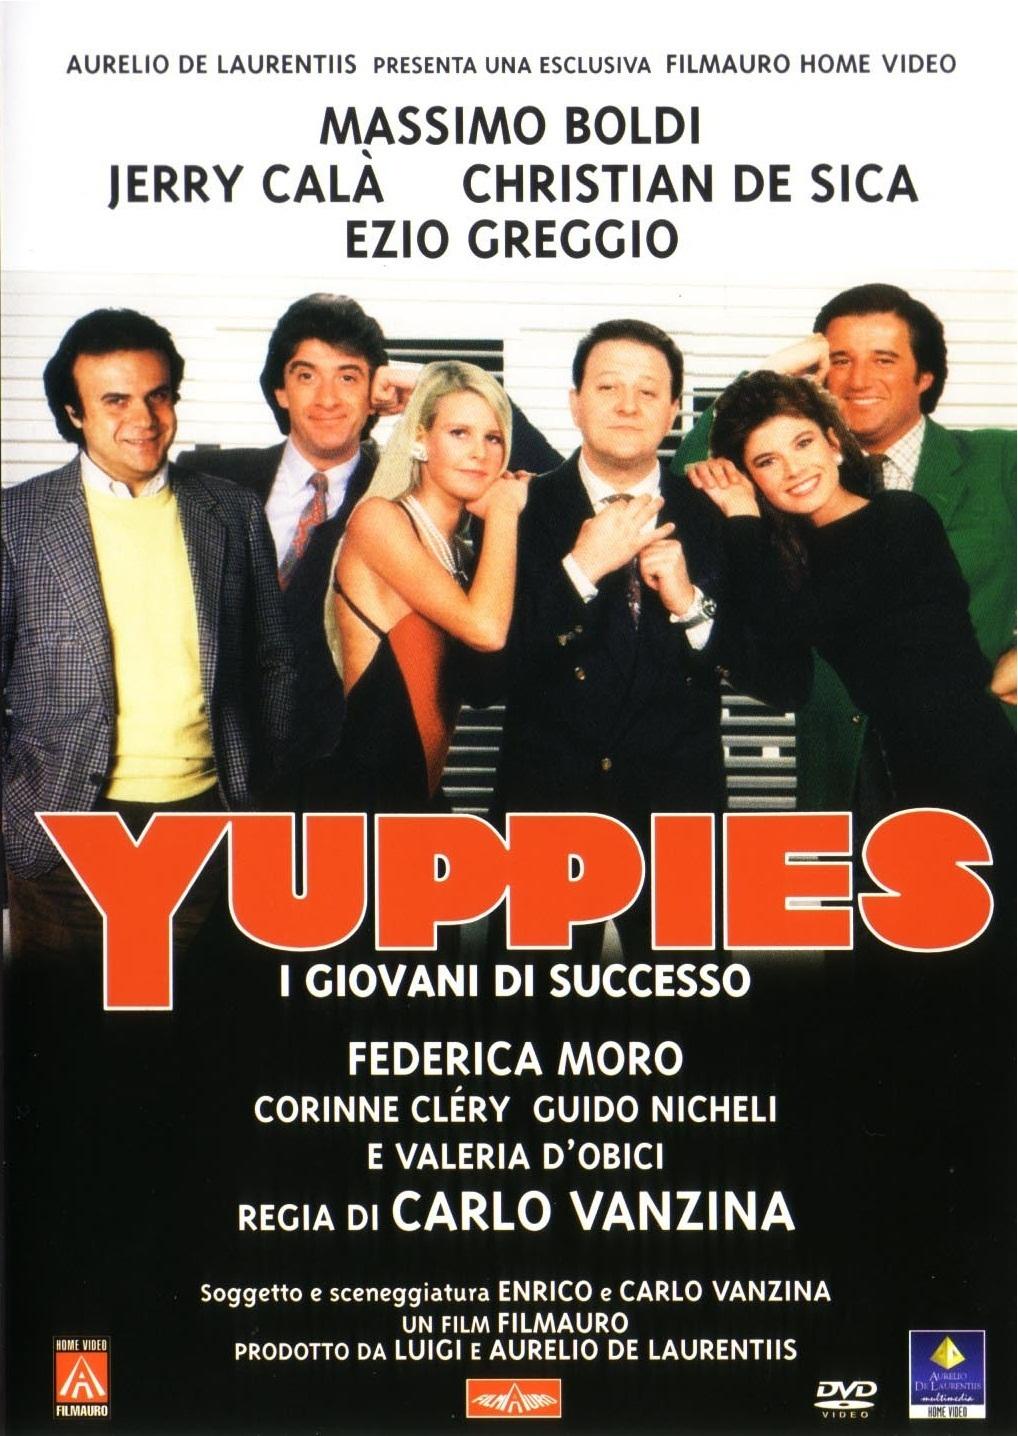 Frasi Del Film Yuppies I Giovani Di Successo